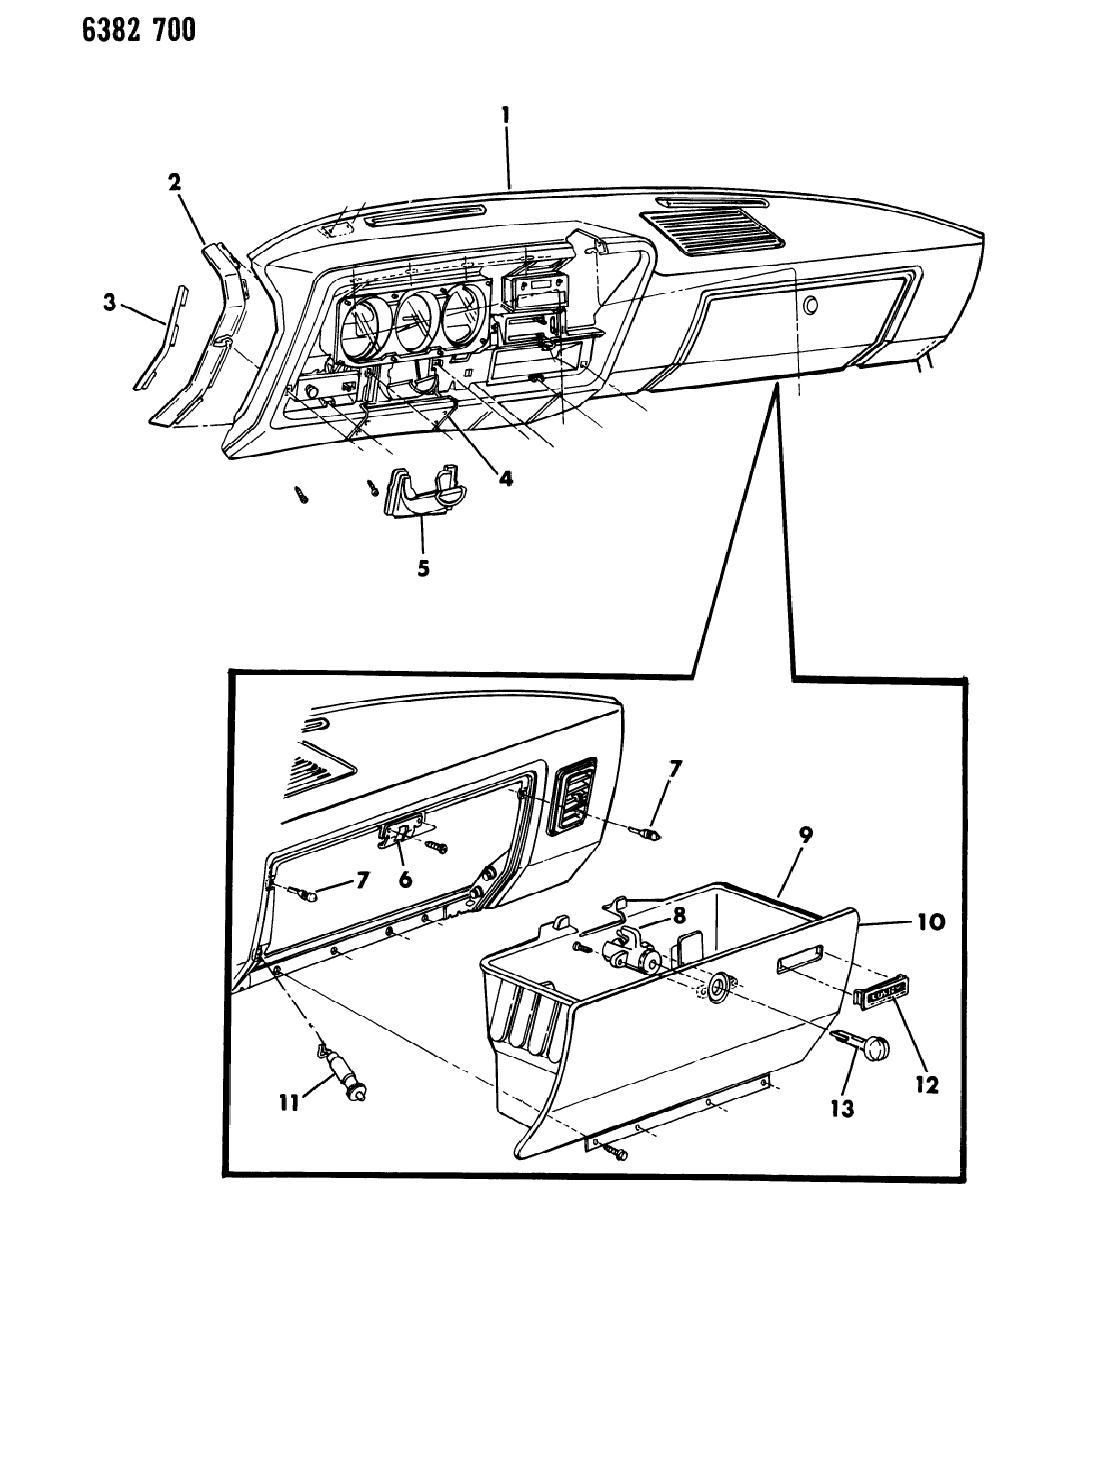 1987 dodge w250 instrument panel panel  u0026 glovebox